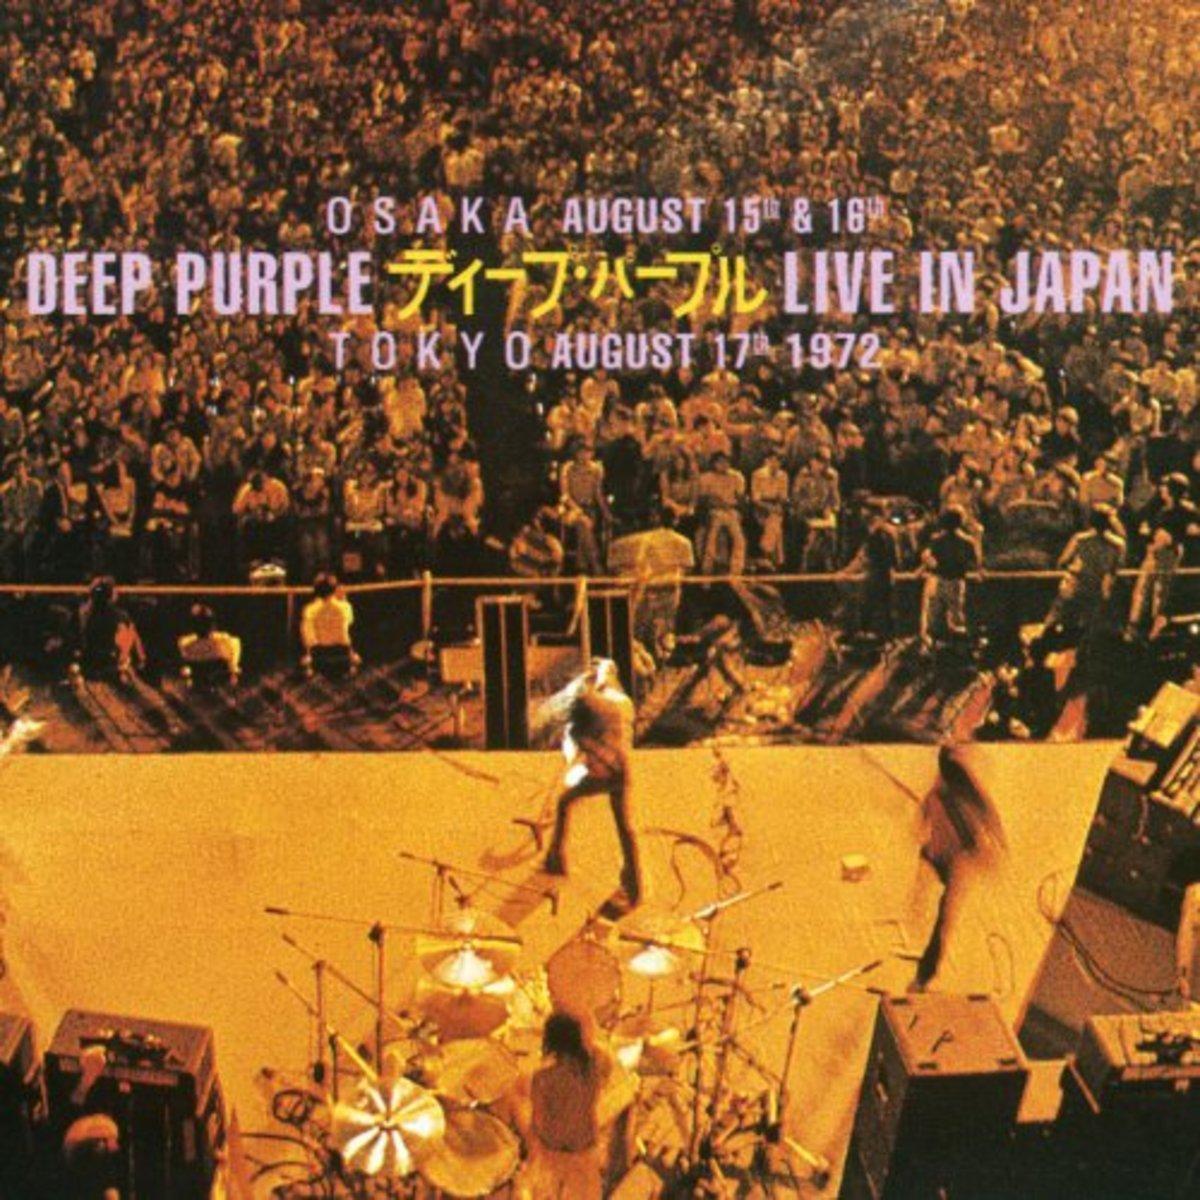 deep-purple-the-best-live-albums